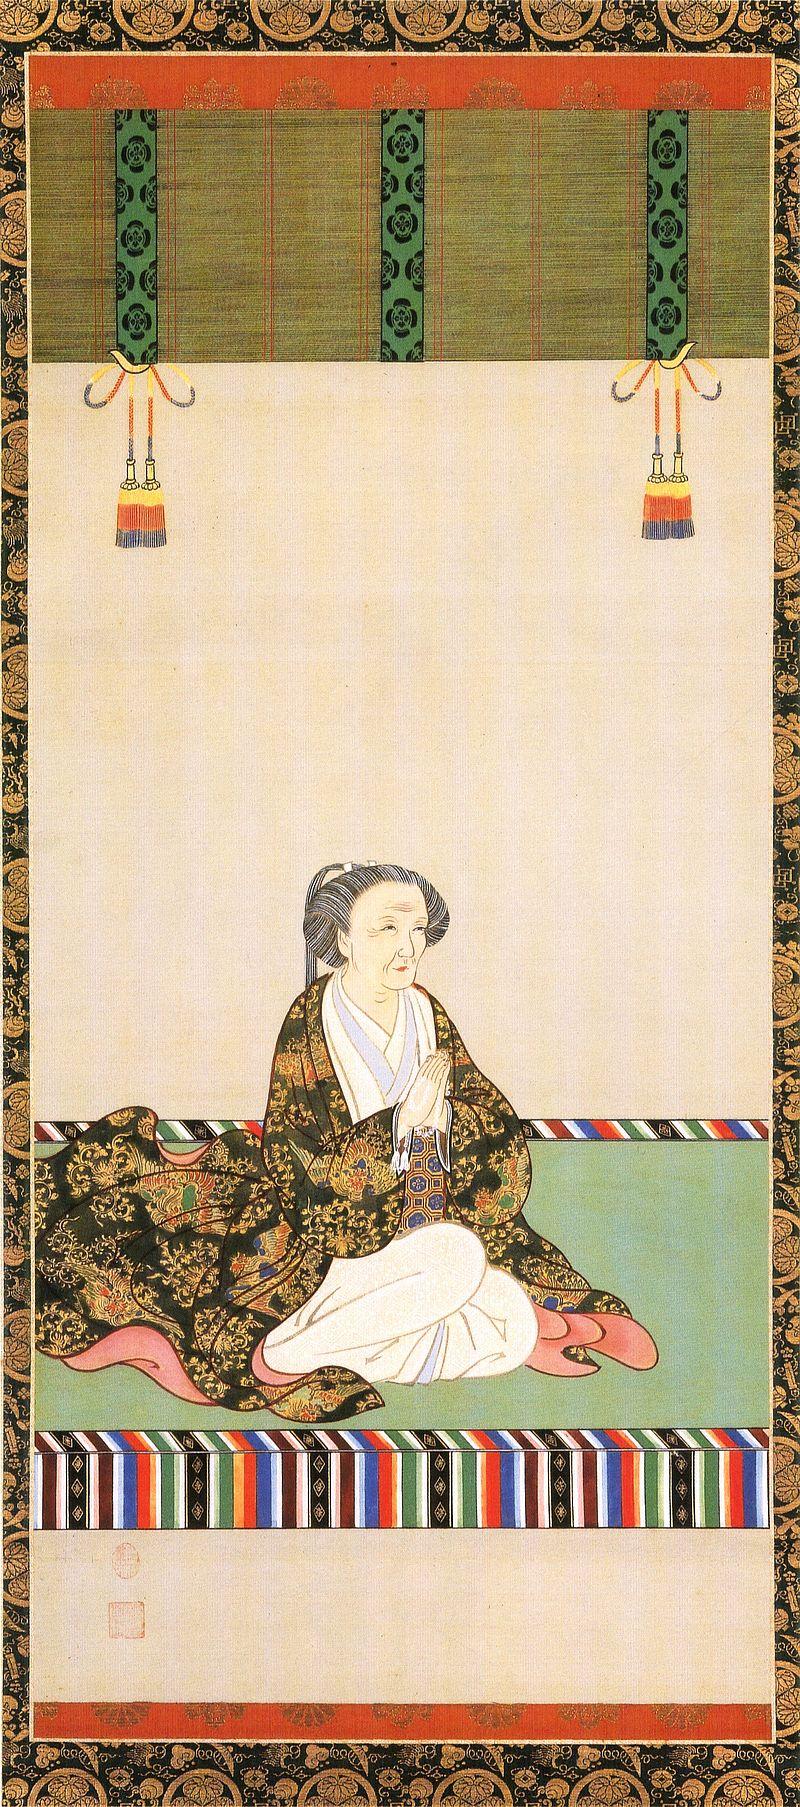 桂昌院(けいしょういん・1627~1705年)